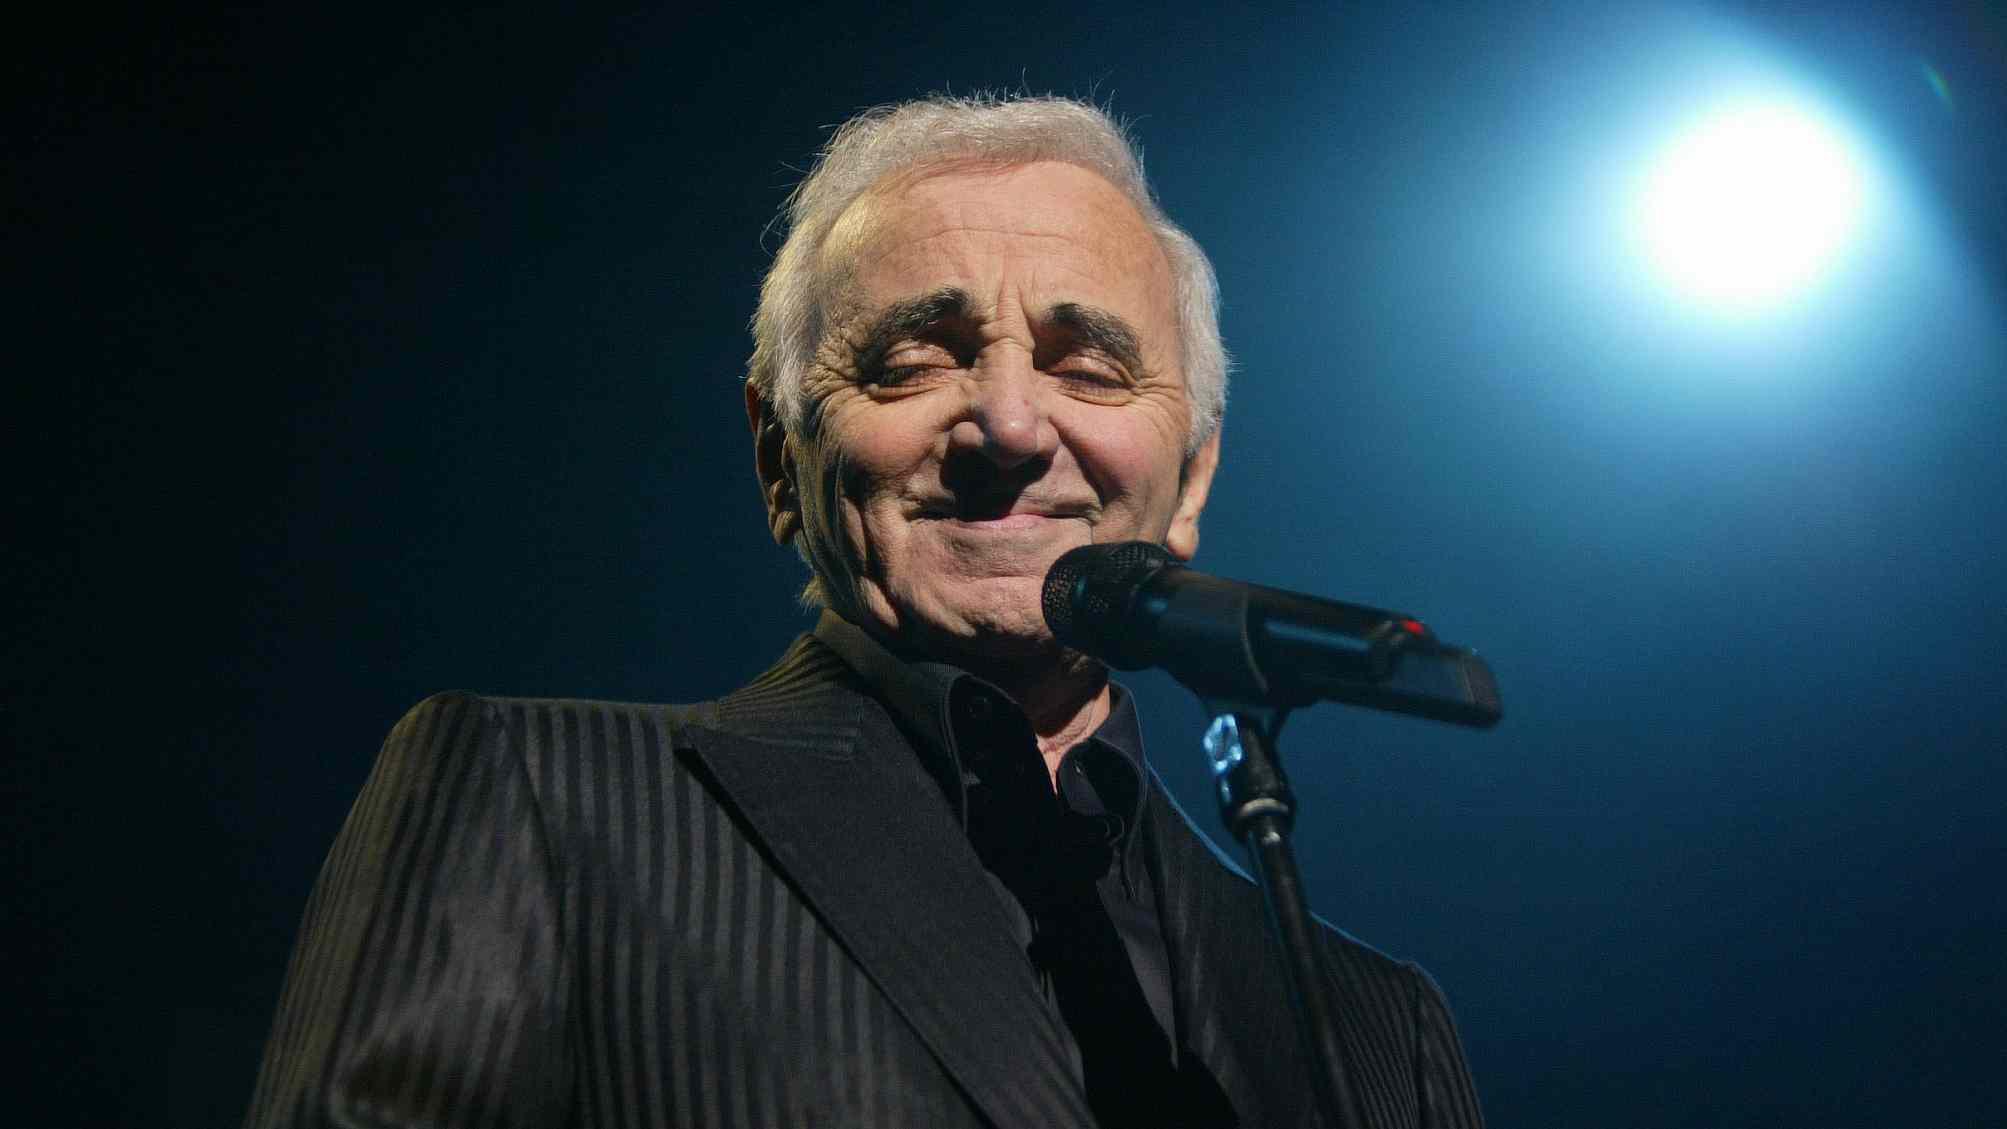 French singer Charles Aznavour dies aged 94